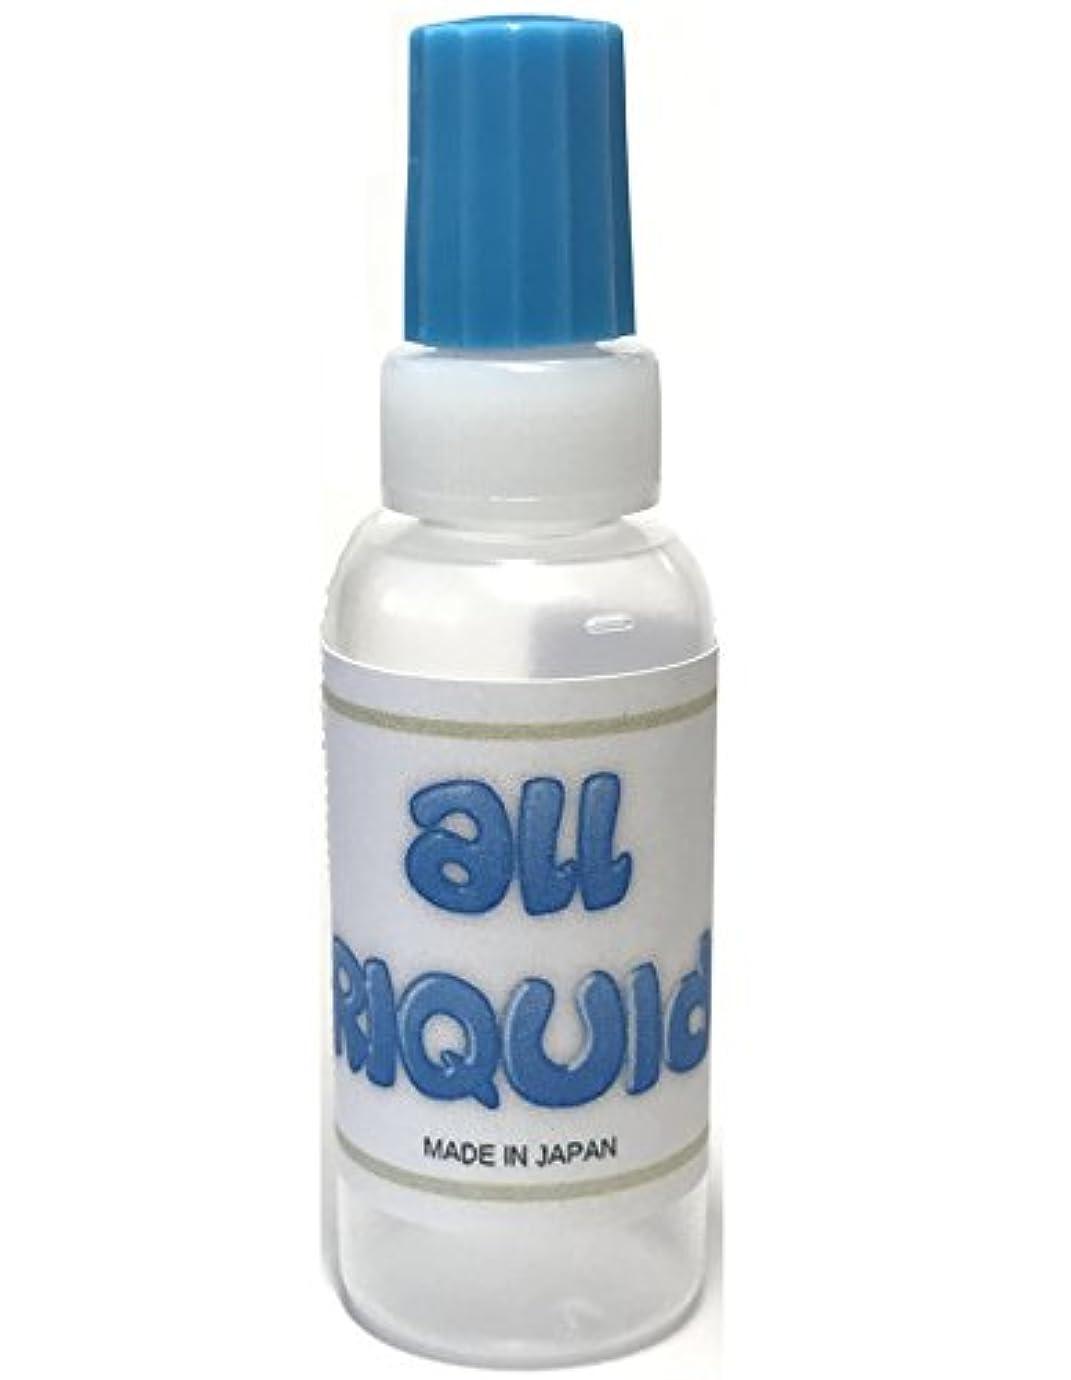 ペチコートジェーンオースティンオゾン(ALL LIQUID) 国産 ココナッツ アロマオイル エッセンシャルオイル 20ml 大容量 ボトル容器